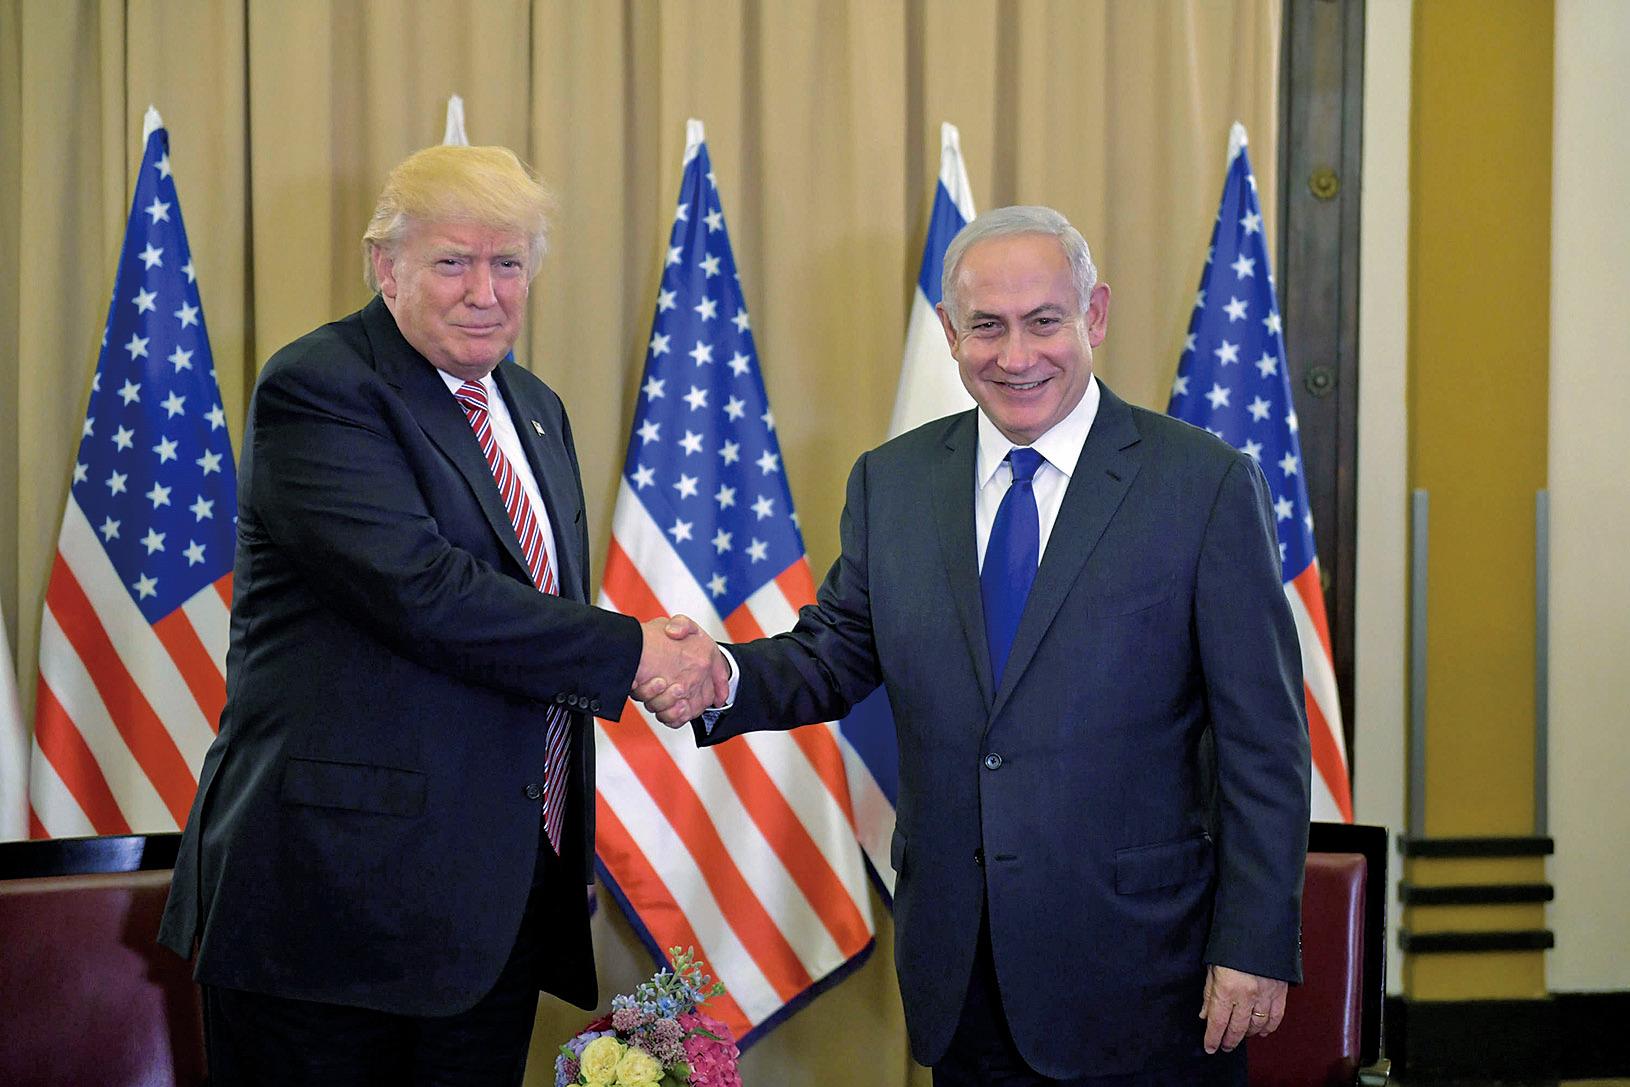 以色列總理(右)表示,期待與美國合作實現以色列和平,並稱這是他一生中第一次看到了「轉變的真正希望」。(AFP)